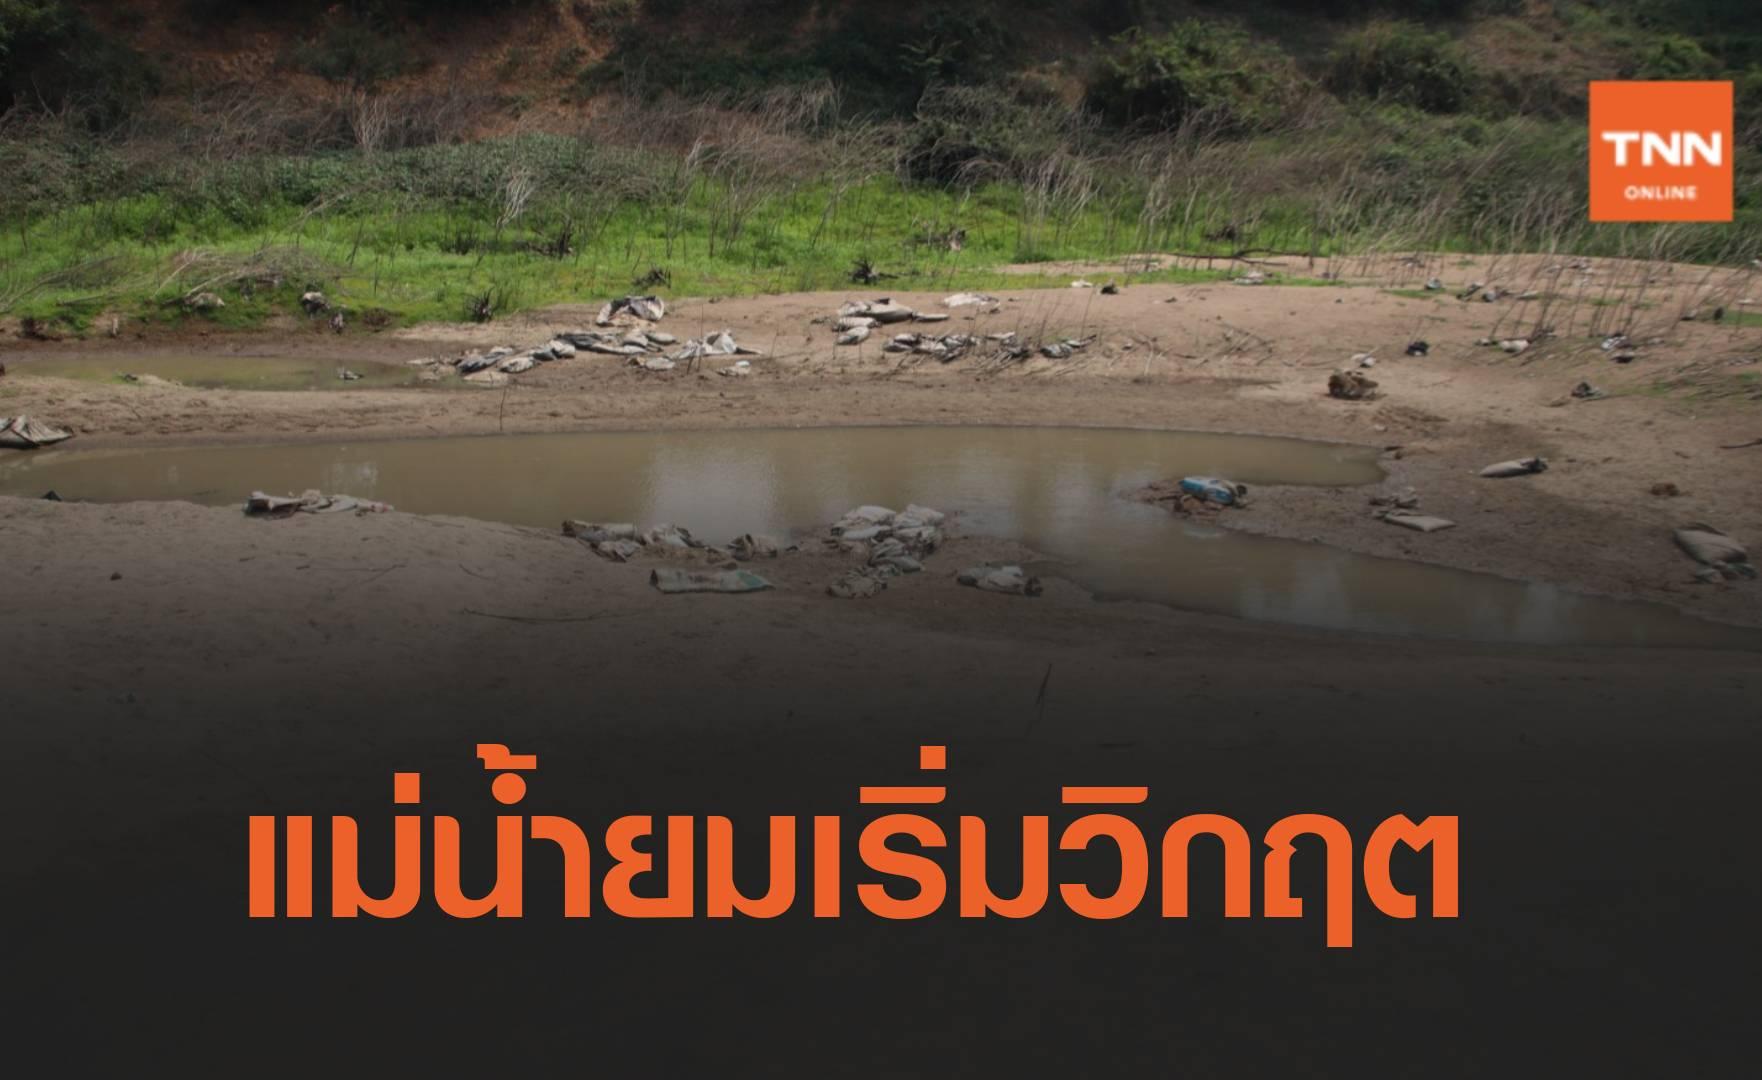 พิษณุโลกแม่น้ำยมแห้ง ชลประทานเตือนทำนารอบใหม่เสี่ยงเสียหาย